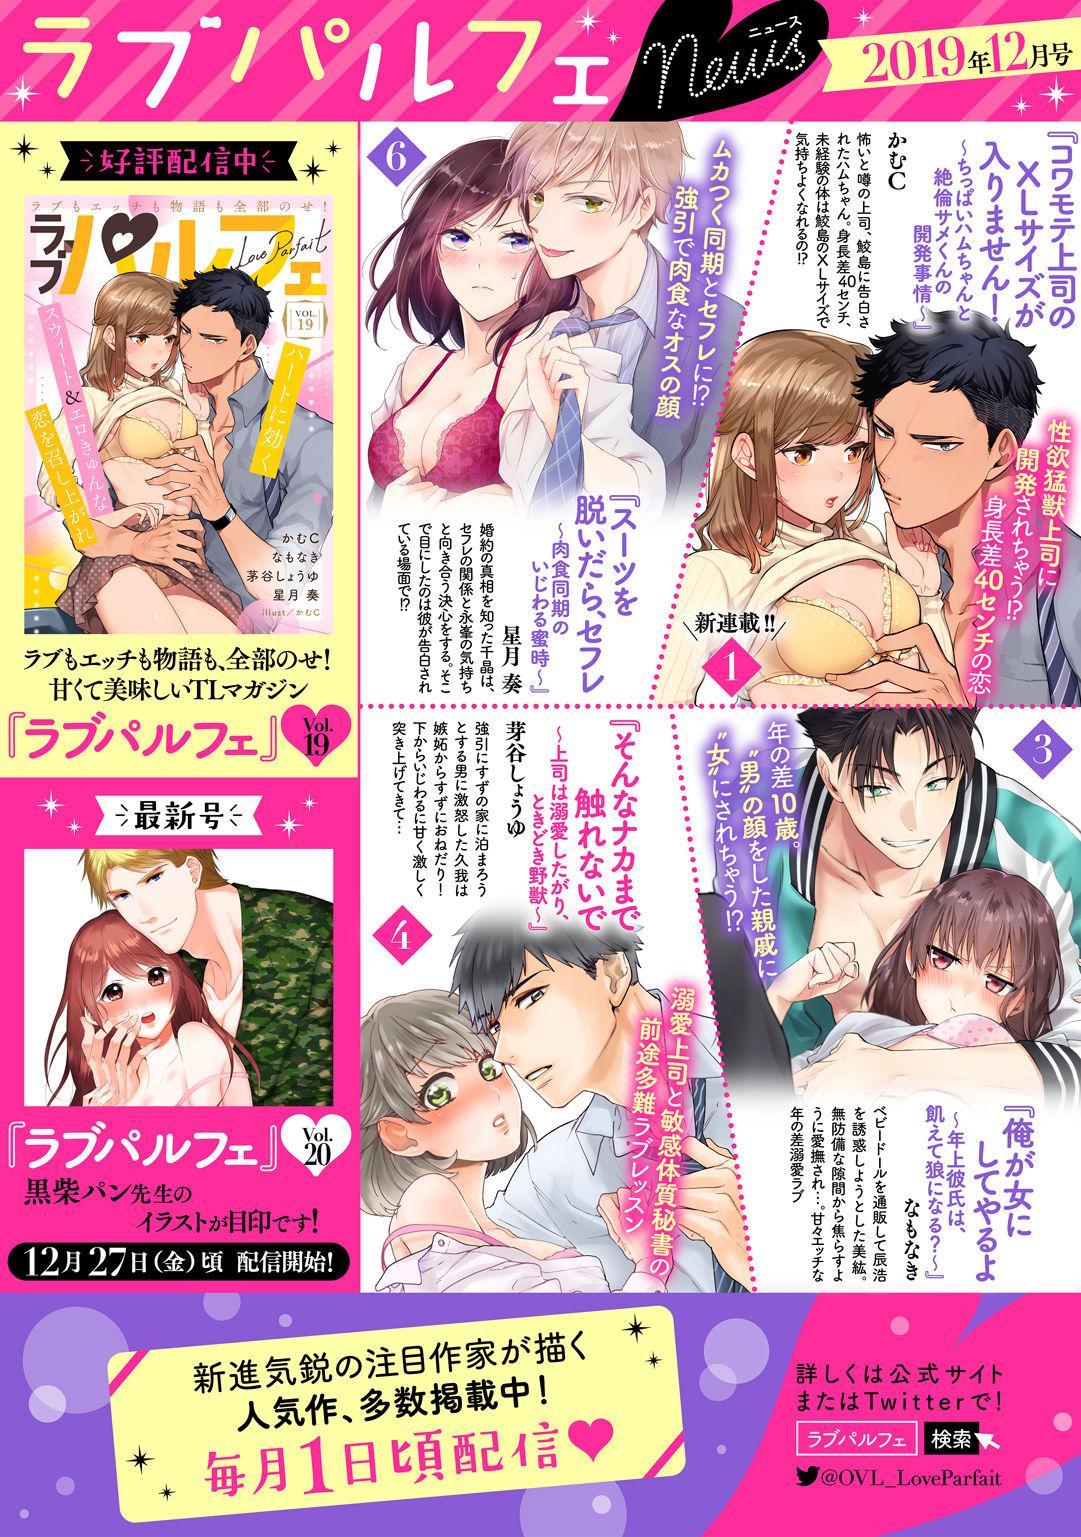 [Suzushiro Nerita] Otomege (18-kin) de Nyotaika shita Ore wa ~Clear Jouken wa Dekiai Ecchi!?~ 1-2 65